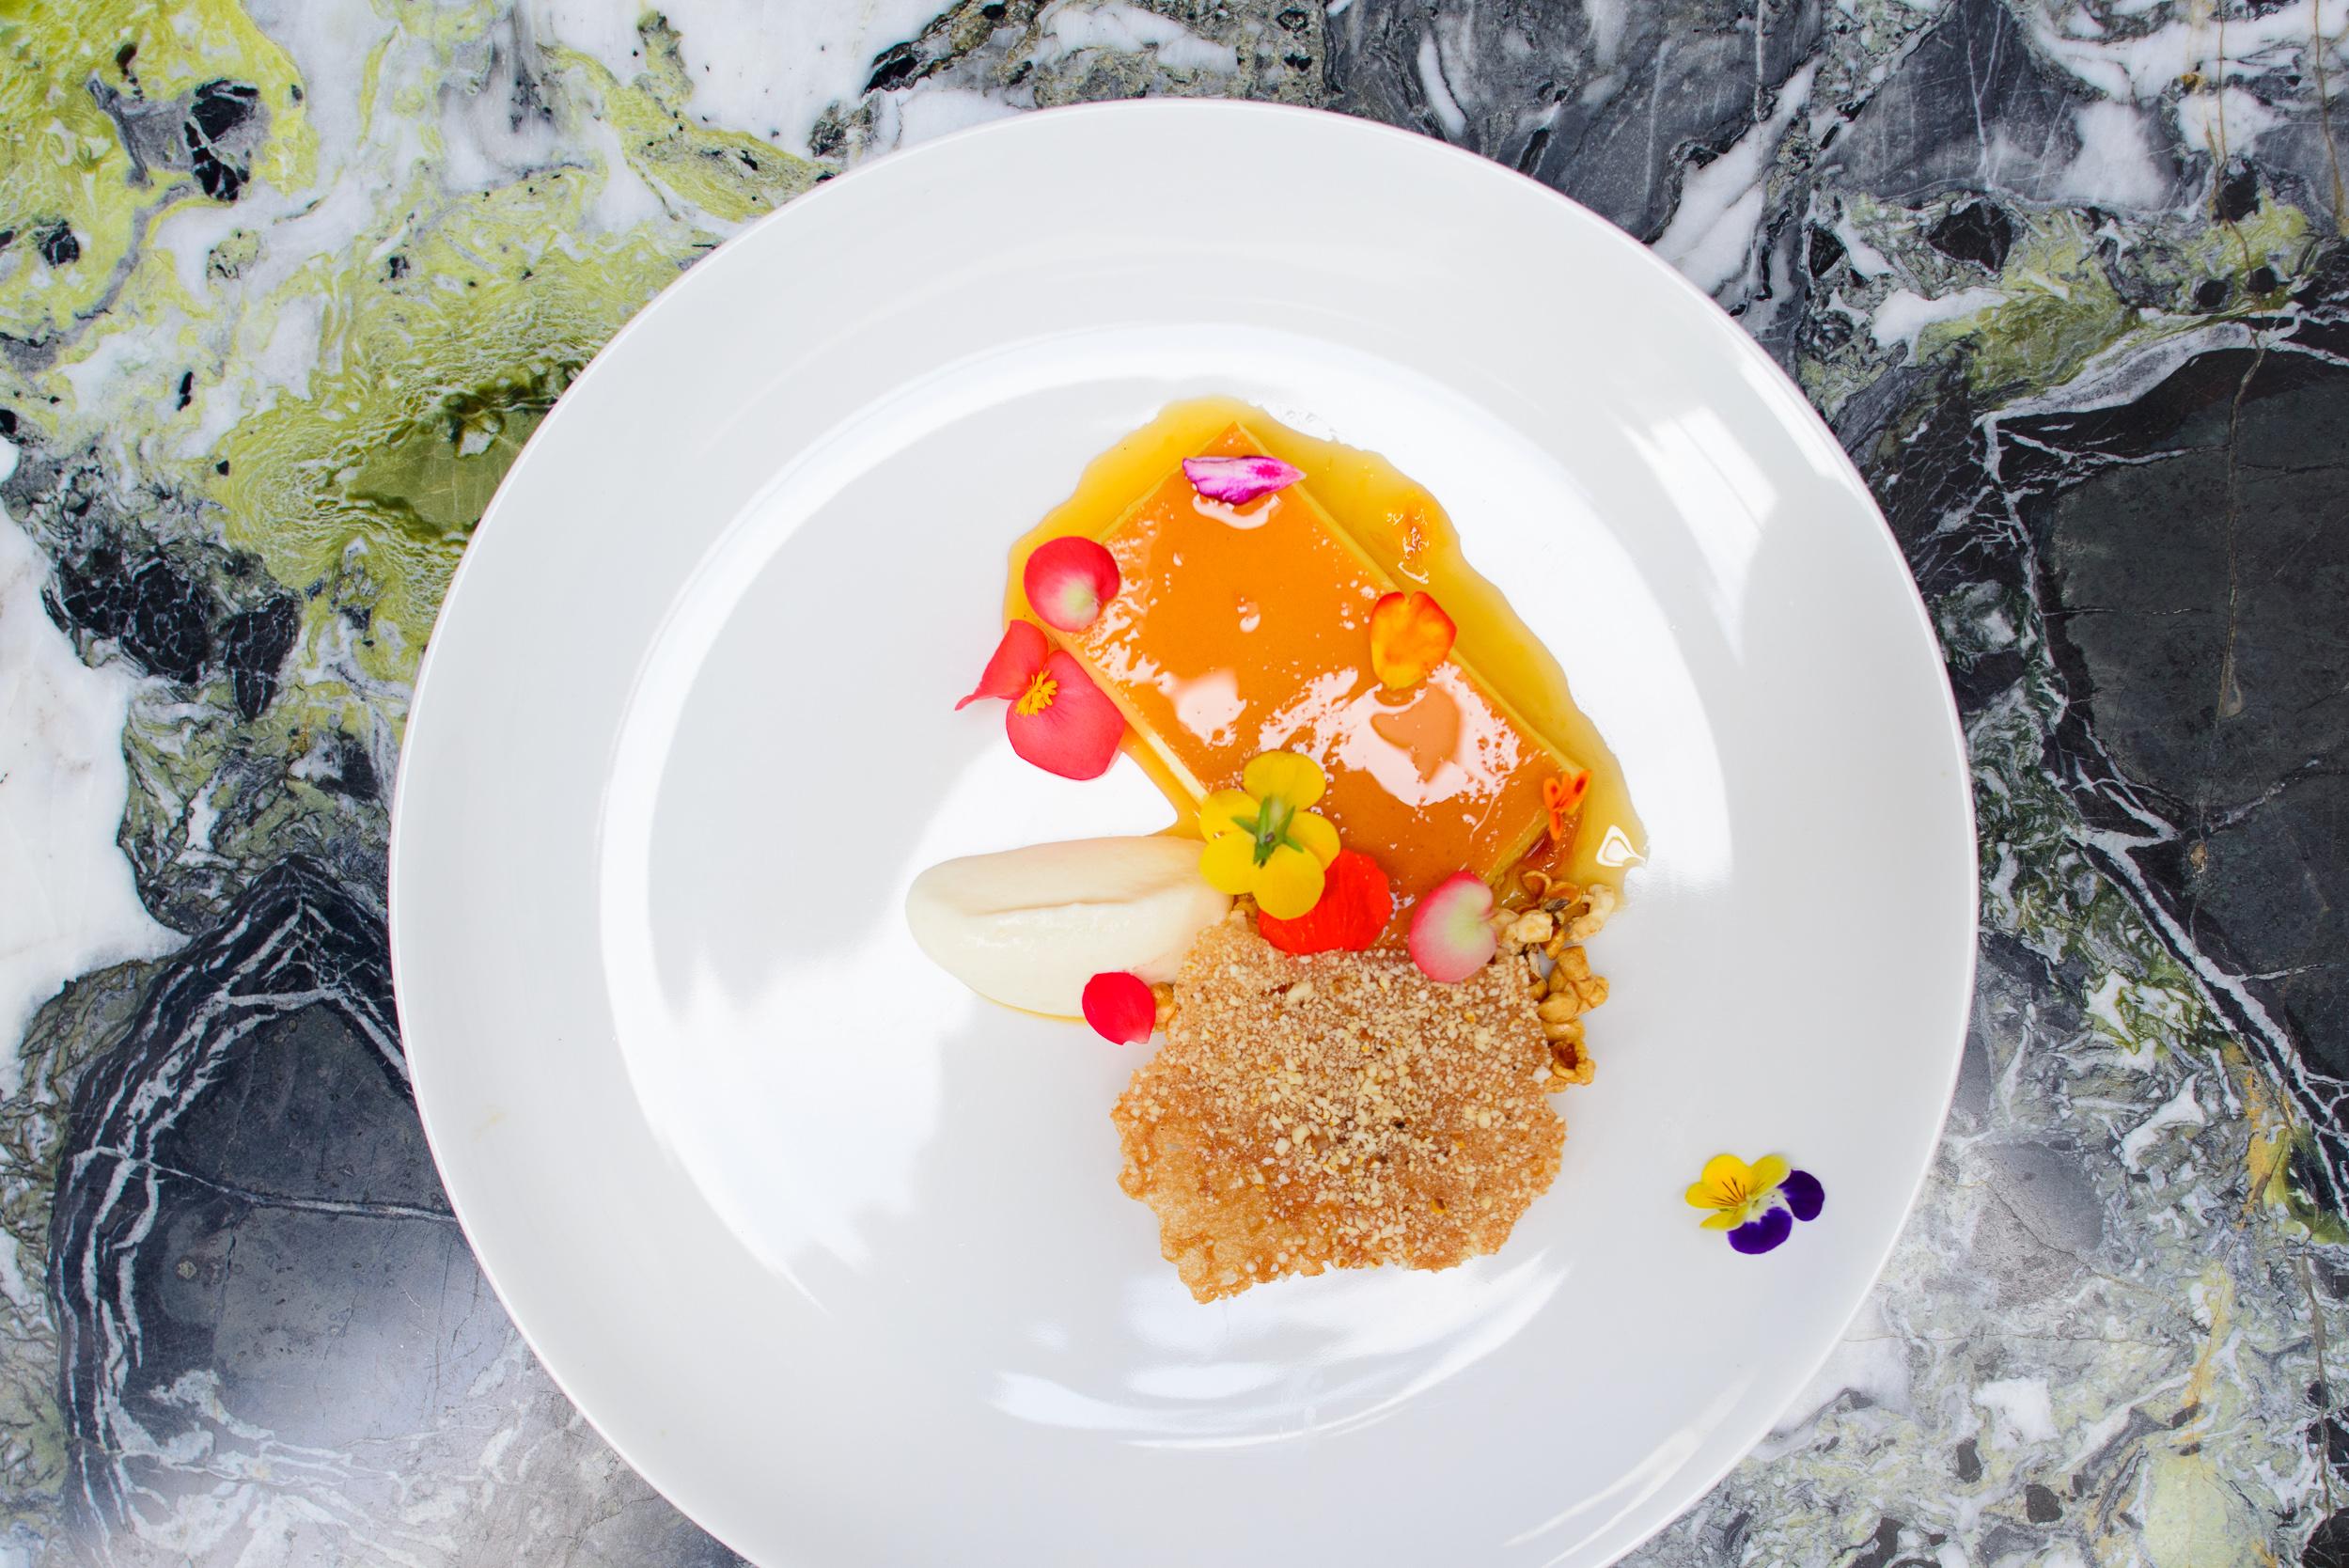 Flan casero con salsa de naranja: flores comestibles y palomitas